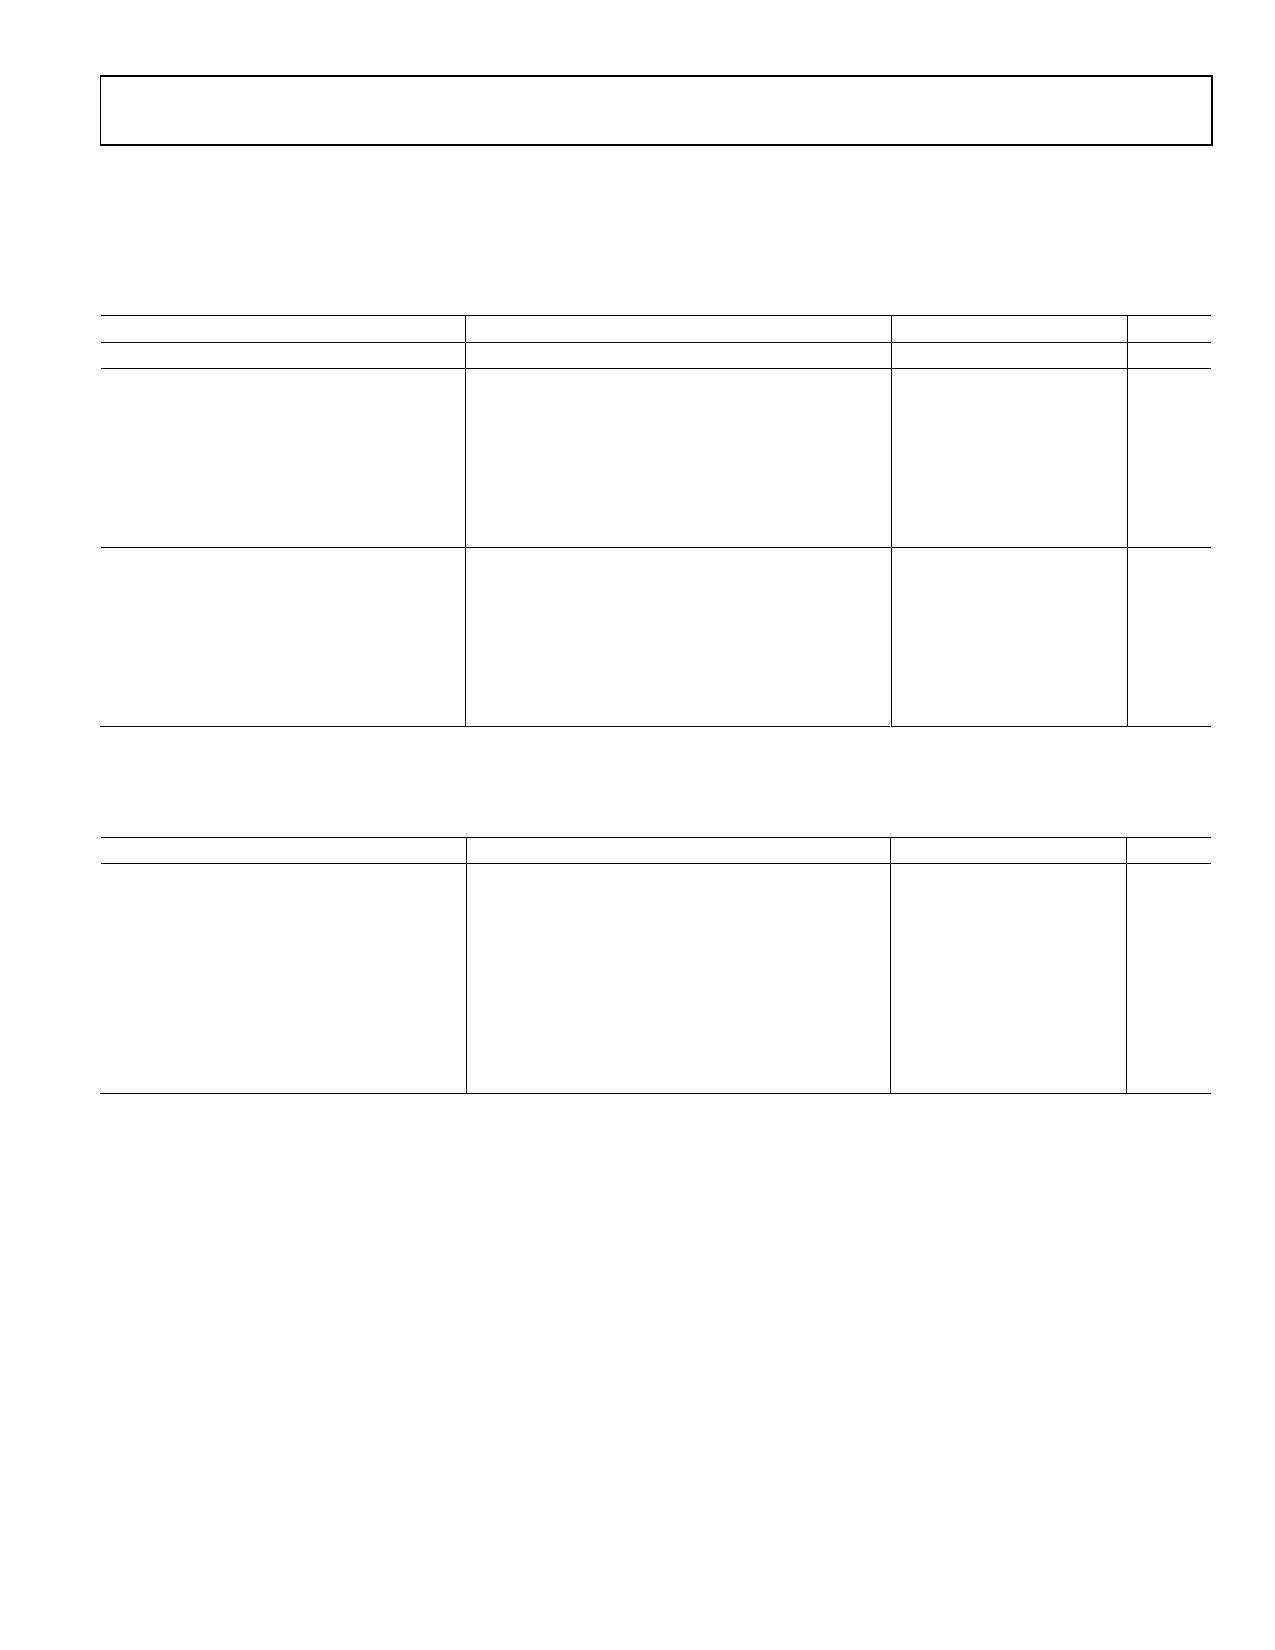 ADL5723 pdf, ピン配列